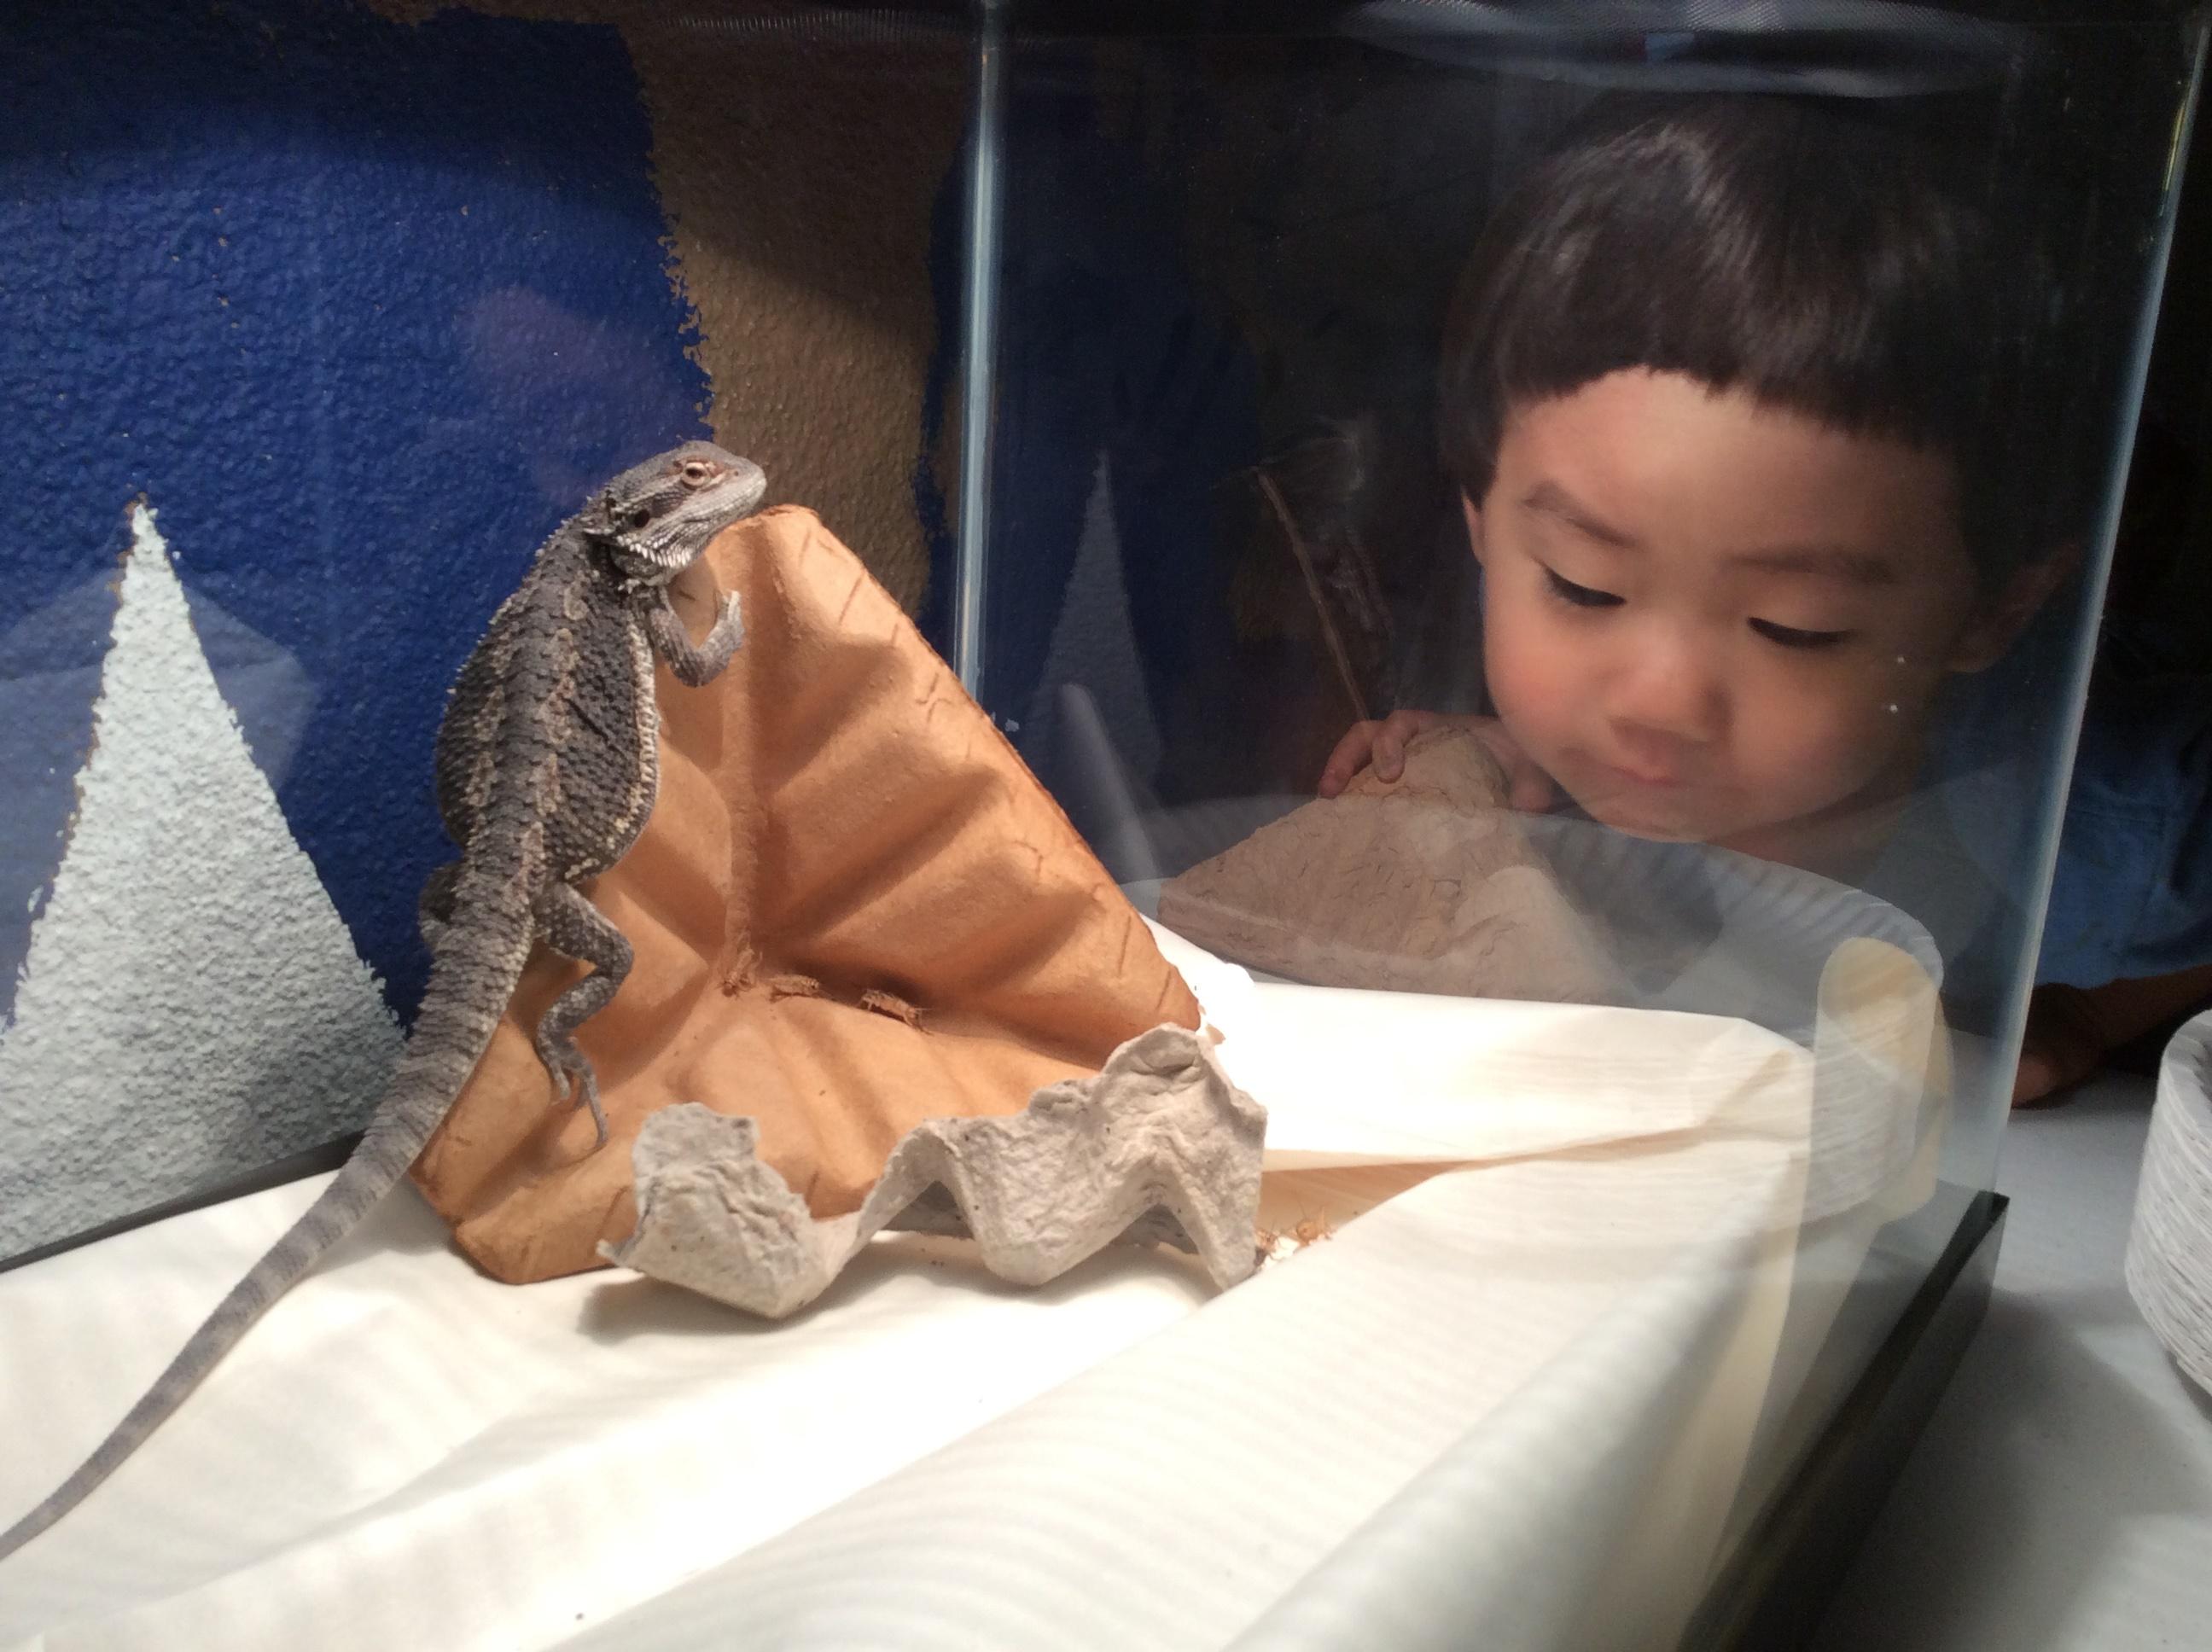 Lizard Observation